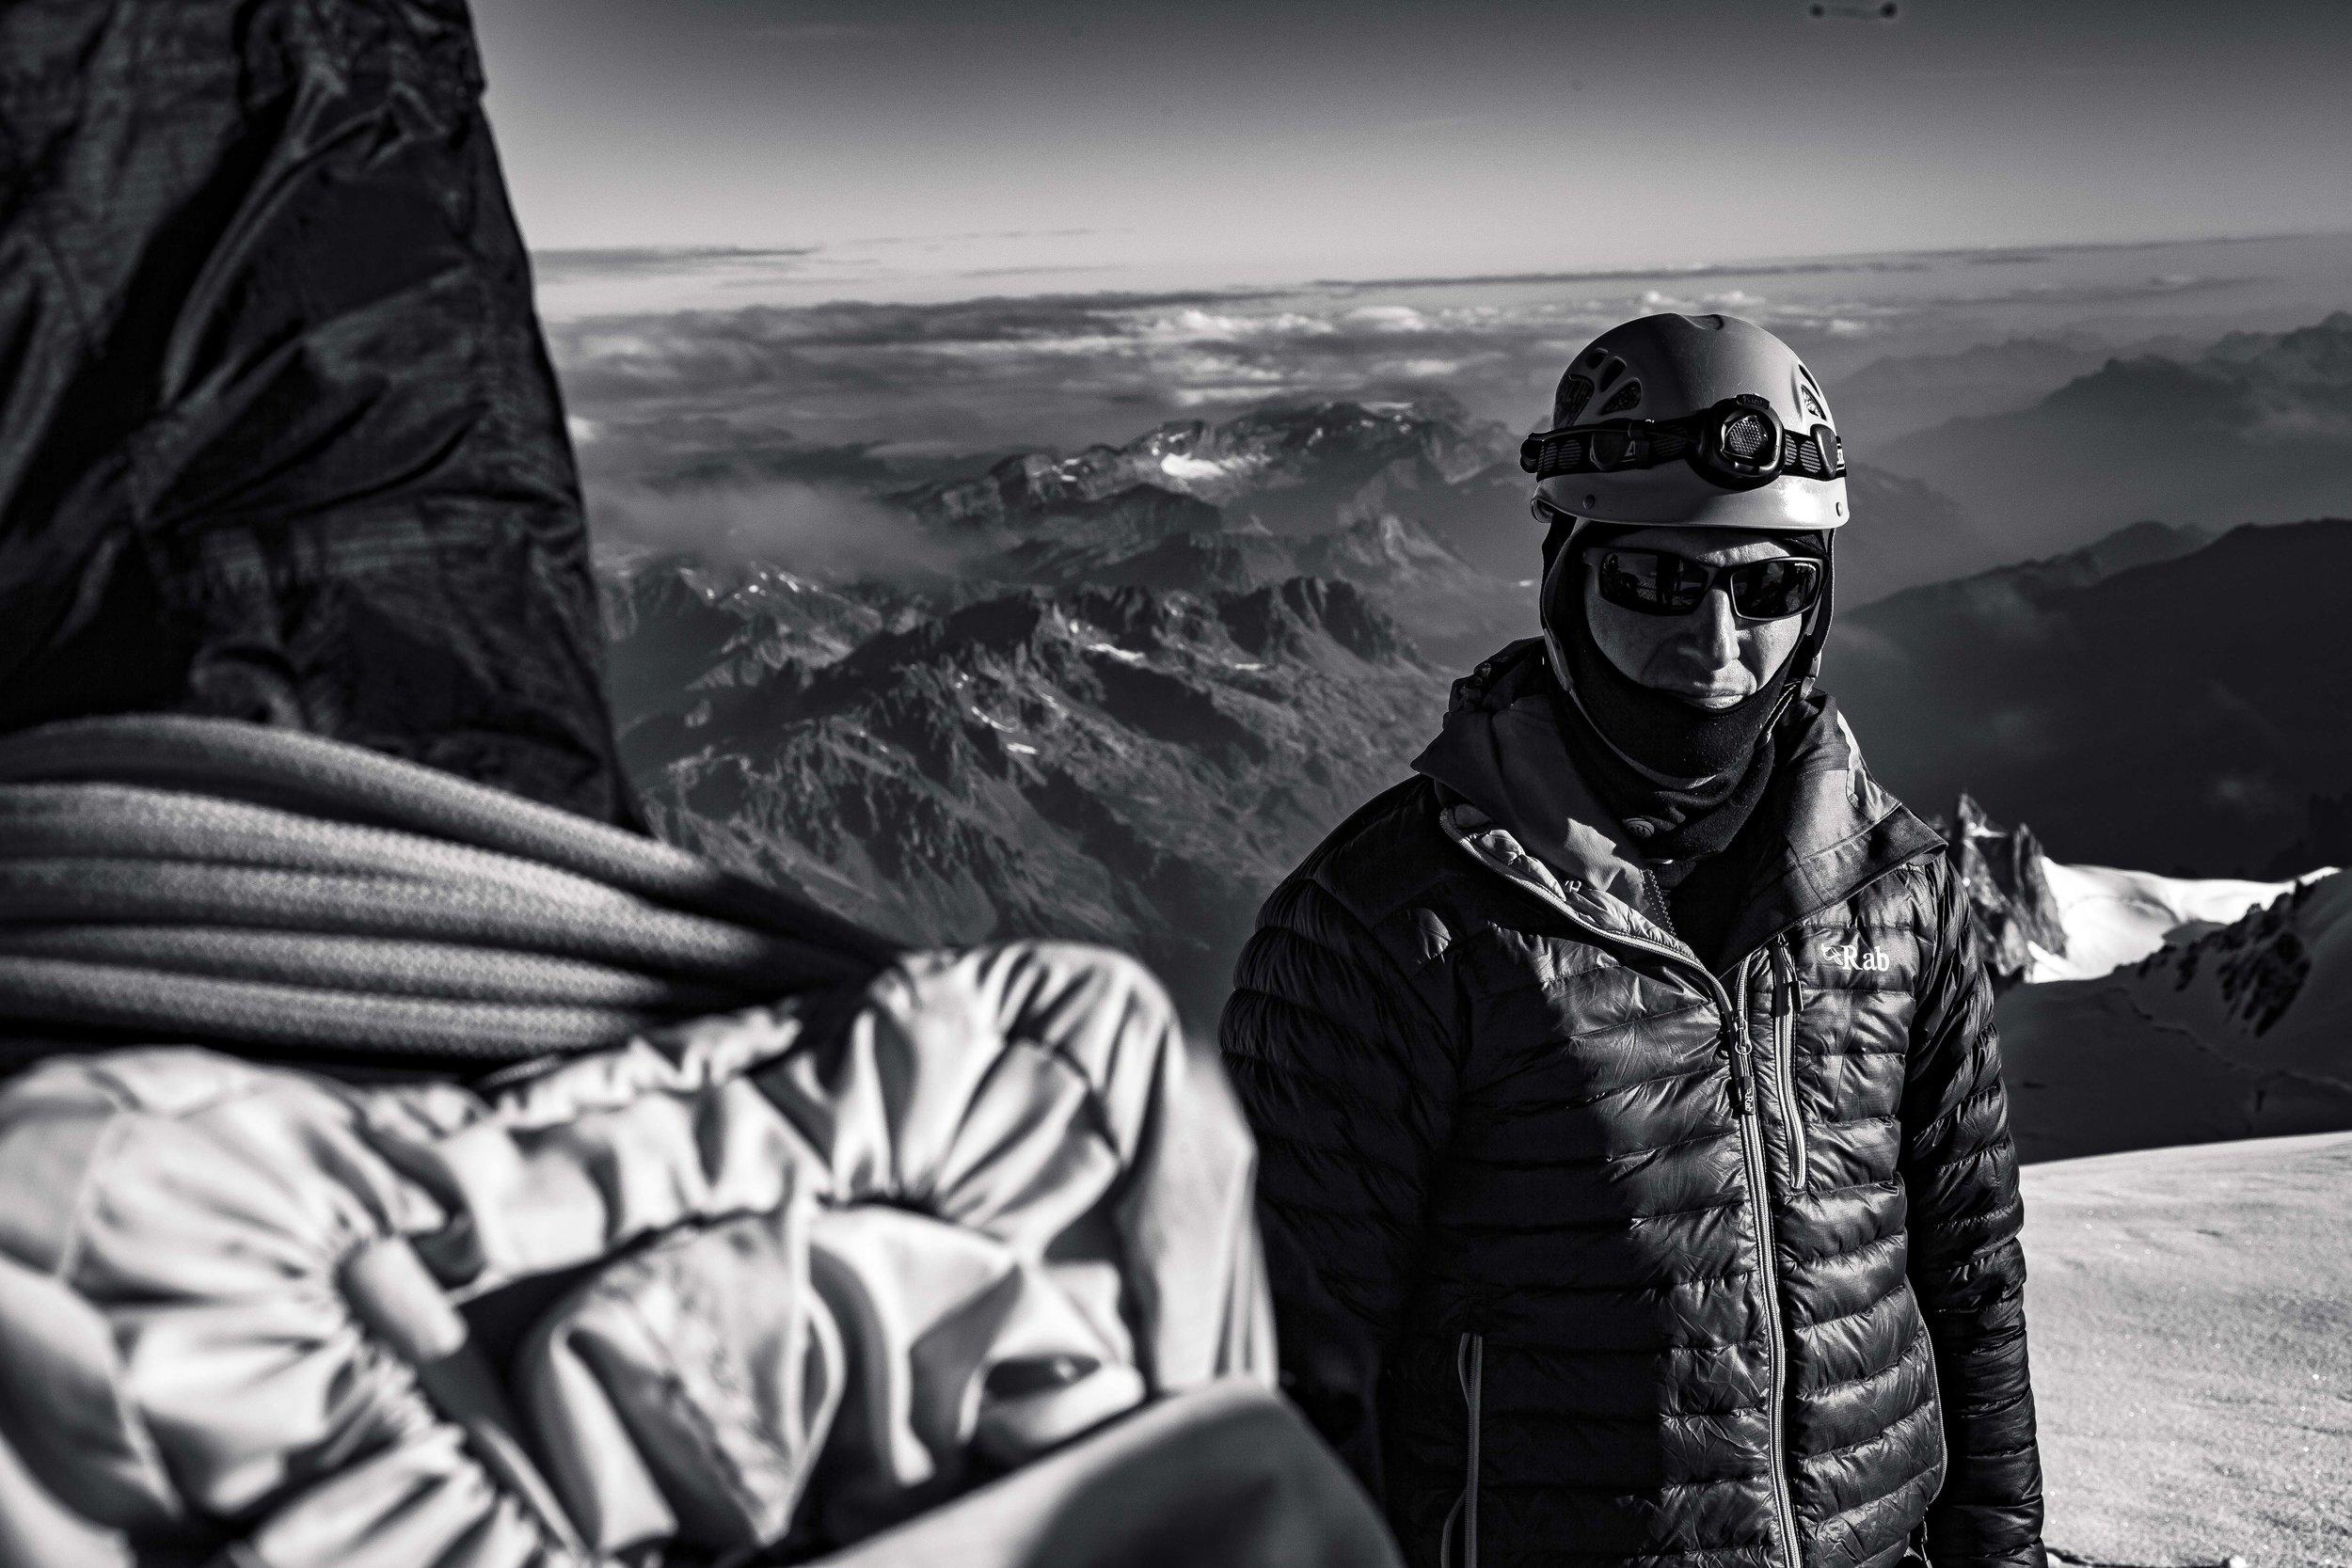 Mont blanc summit-3-2.jpg